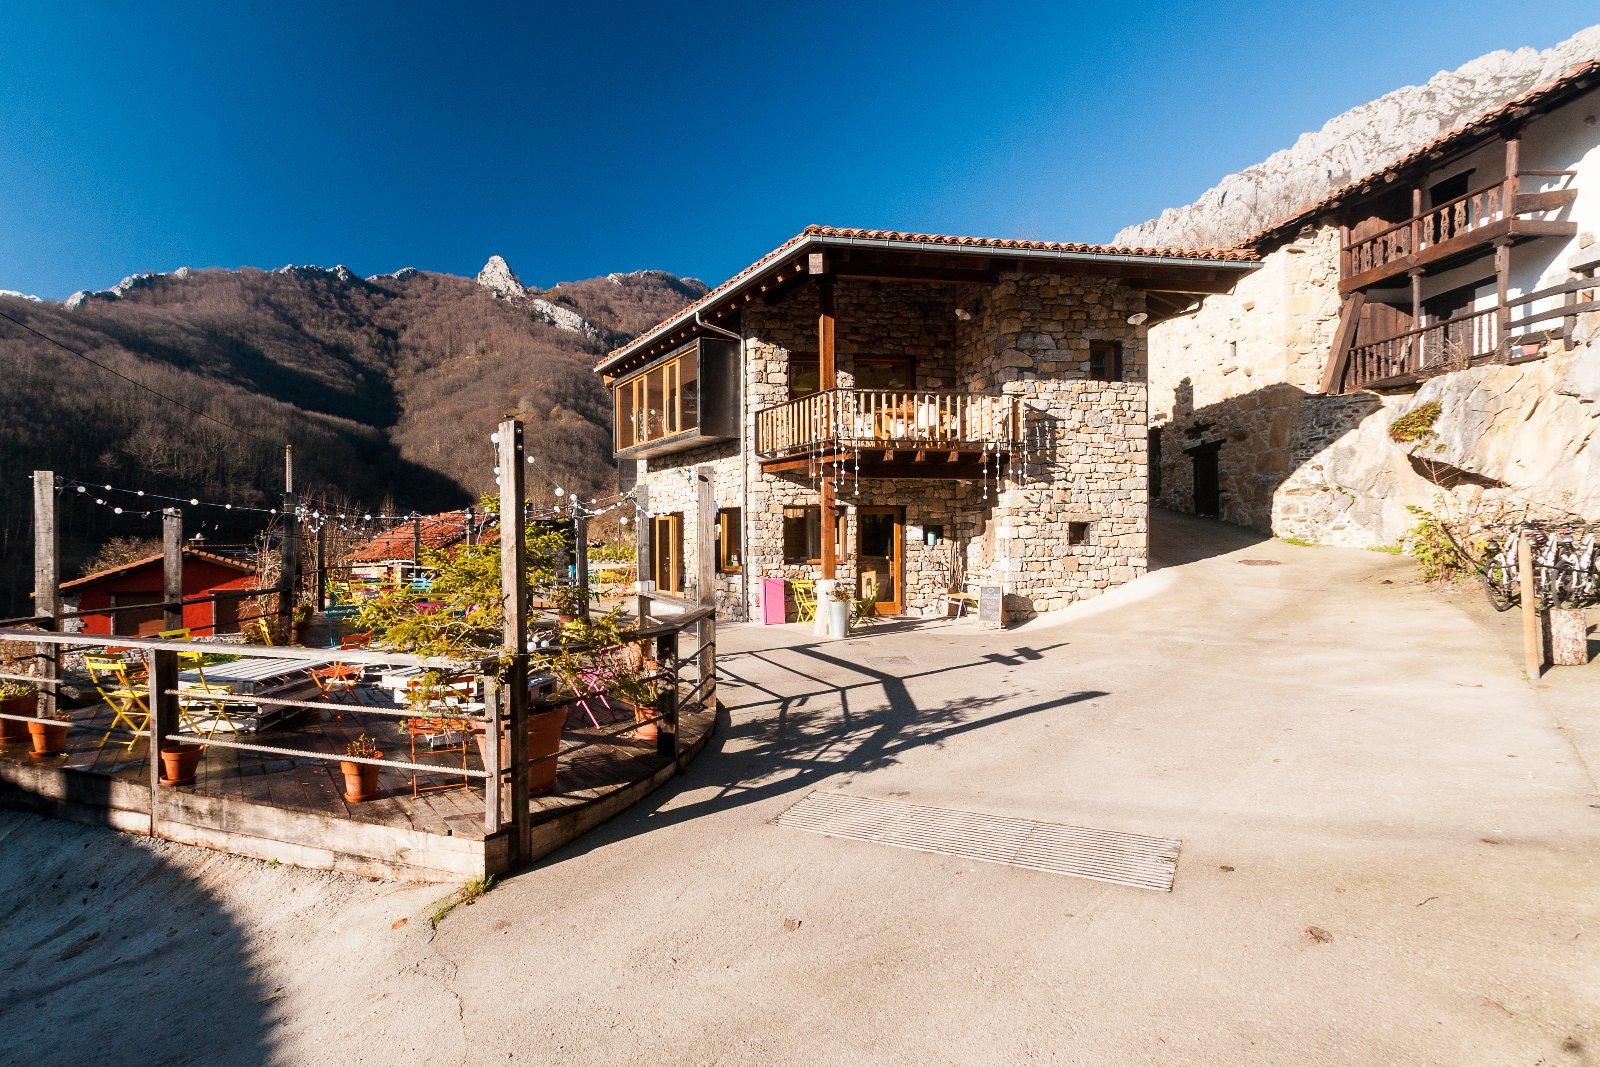 Apartamentos rurales en asturias - Fotorural asturias ...